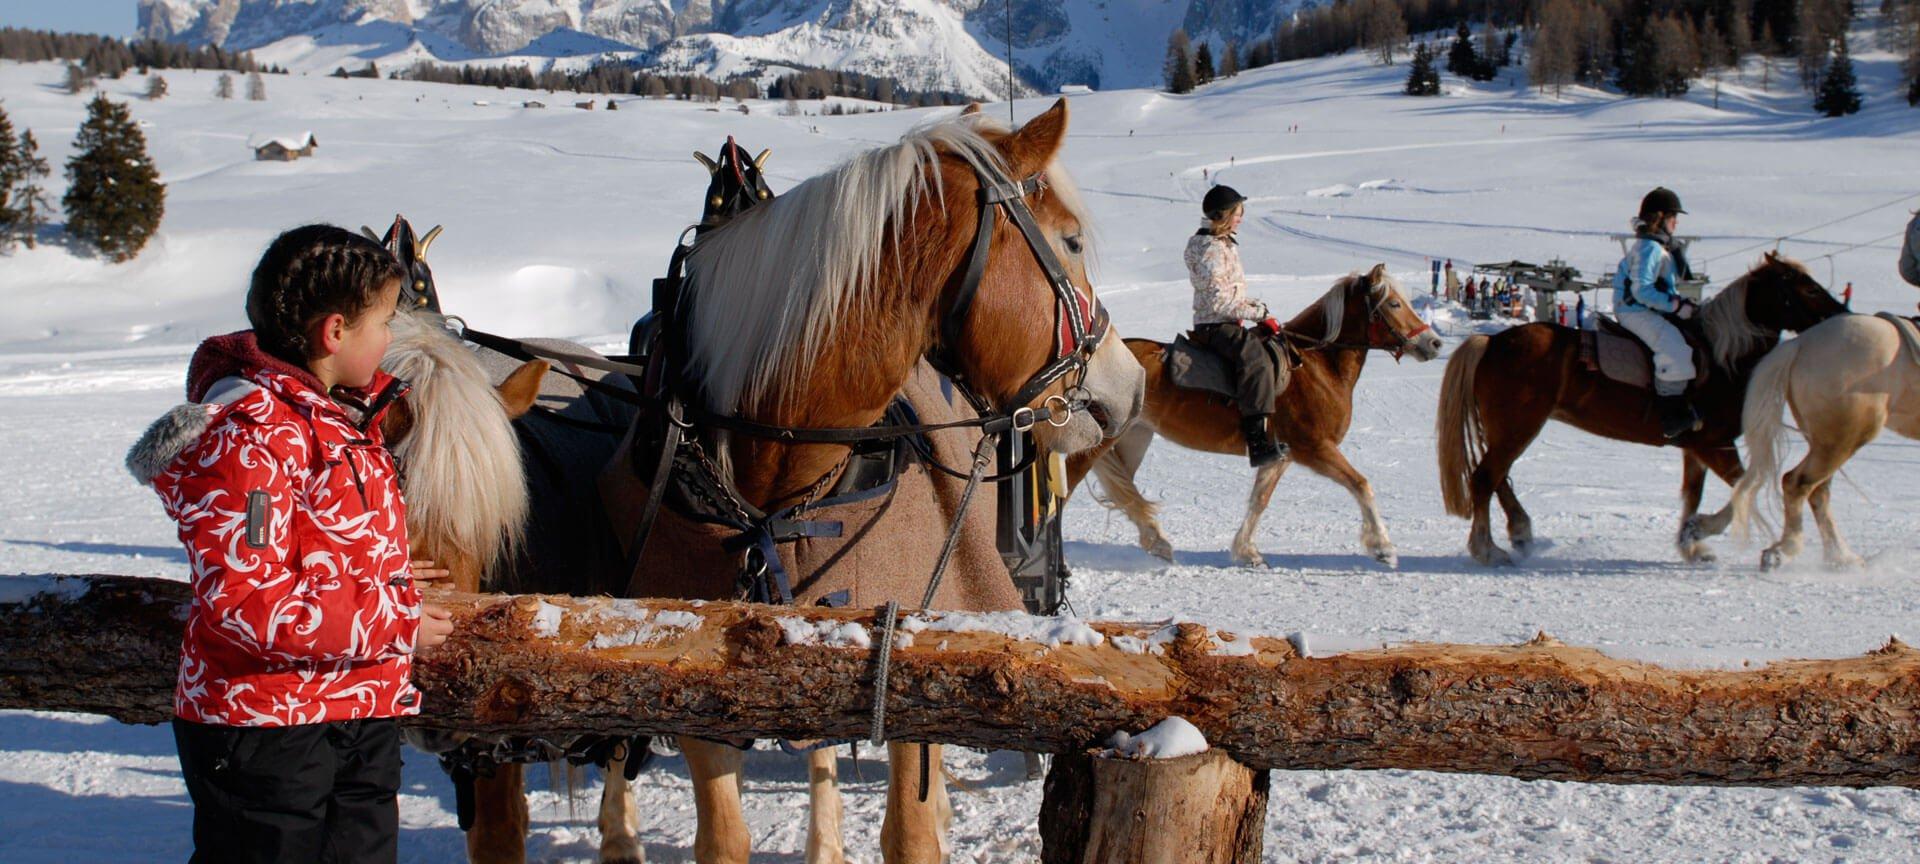 winterurlaub-in-suedtirol-6